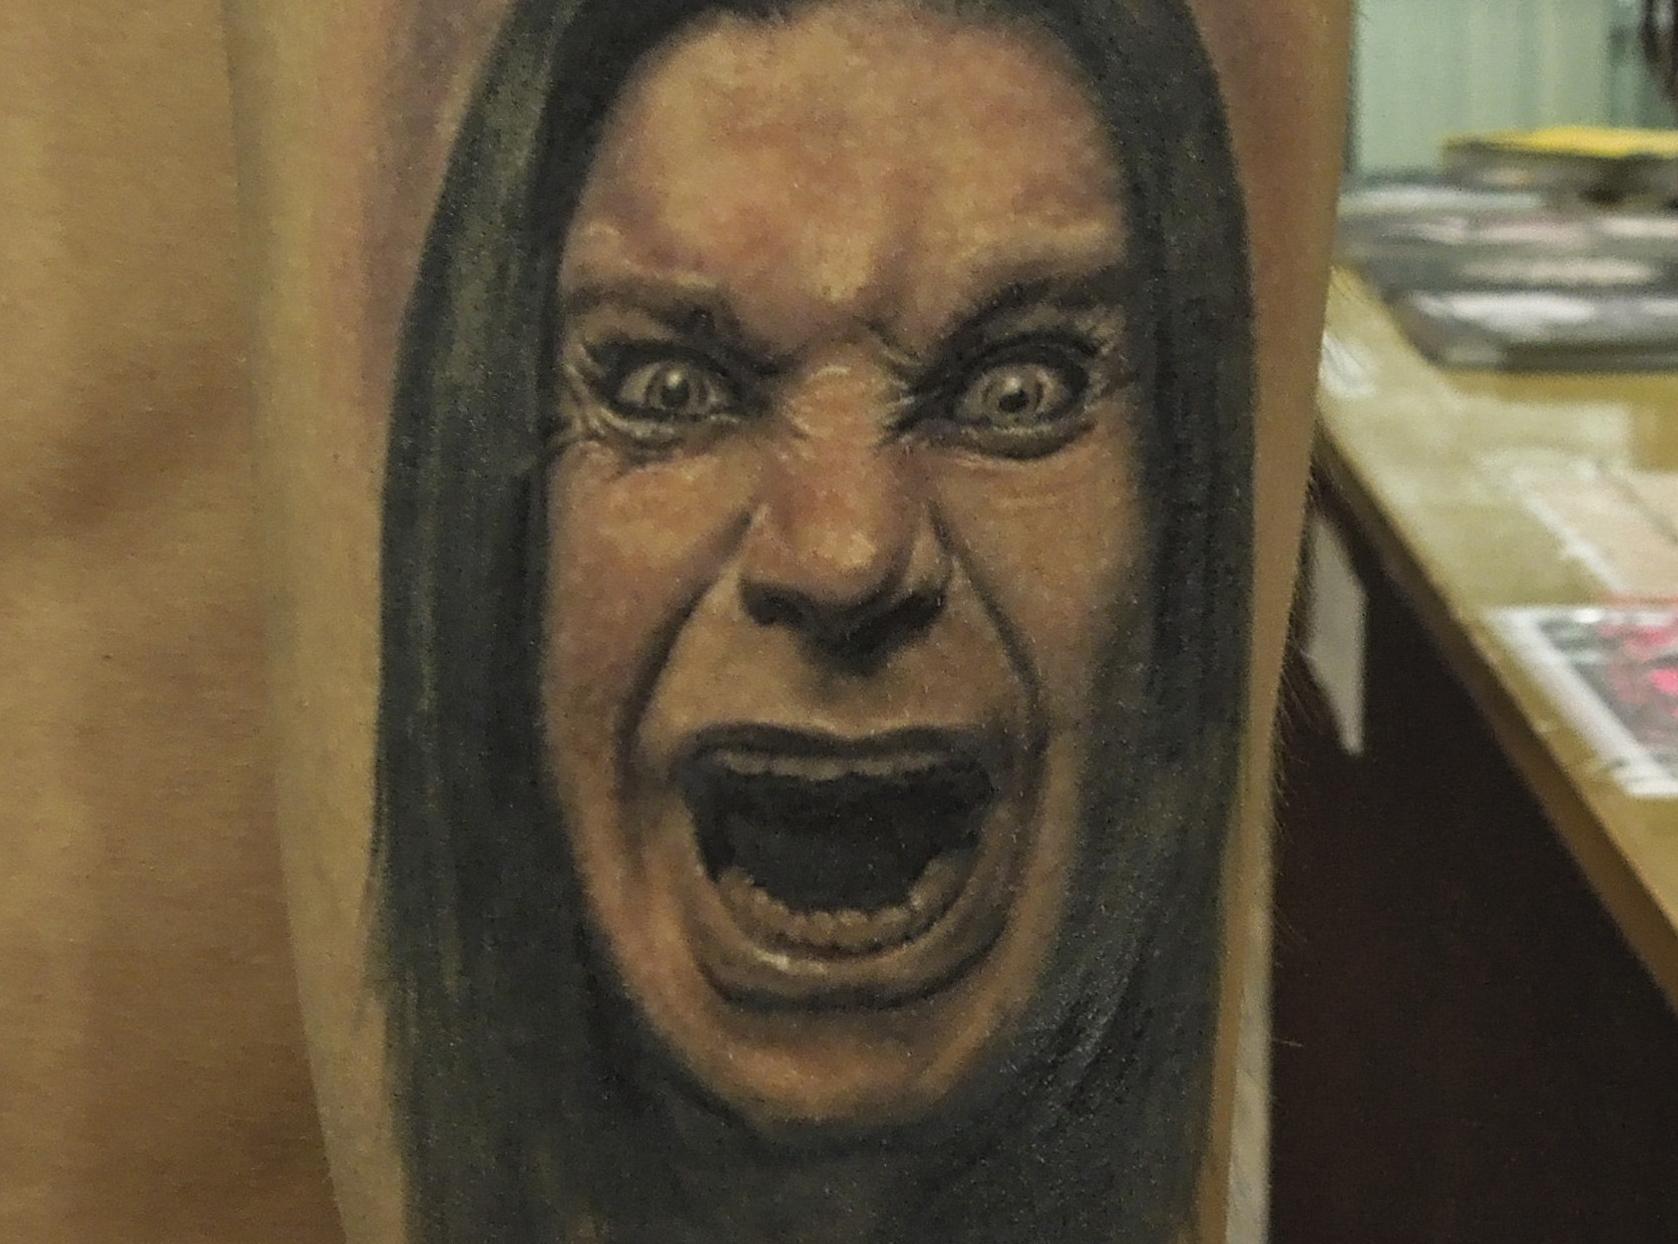 Ozzy Osbourne portrait tattoo